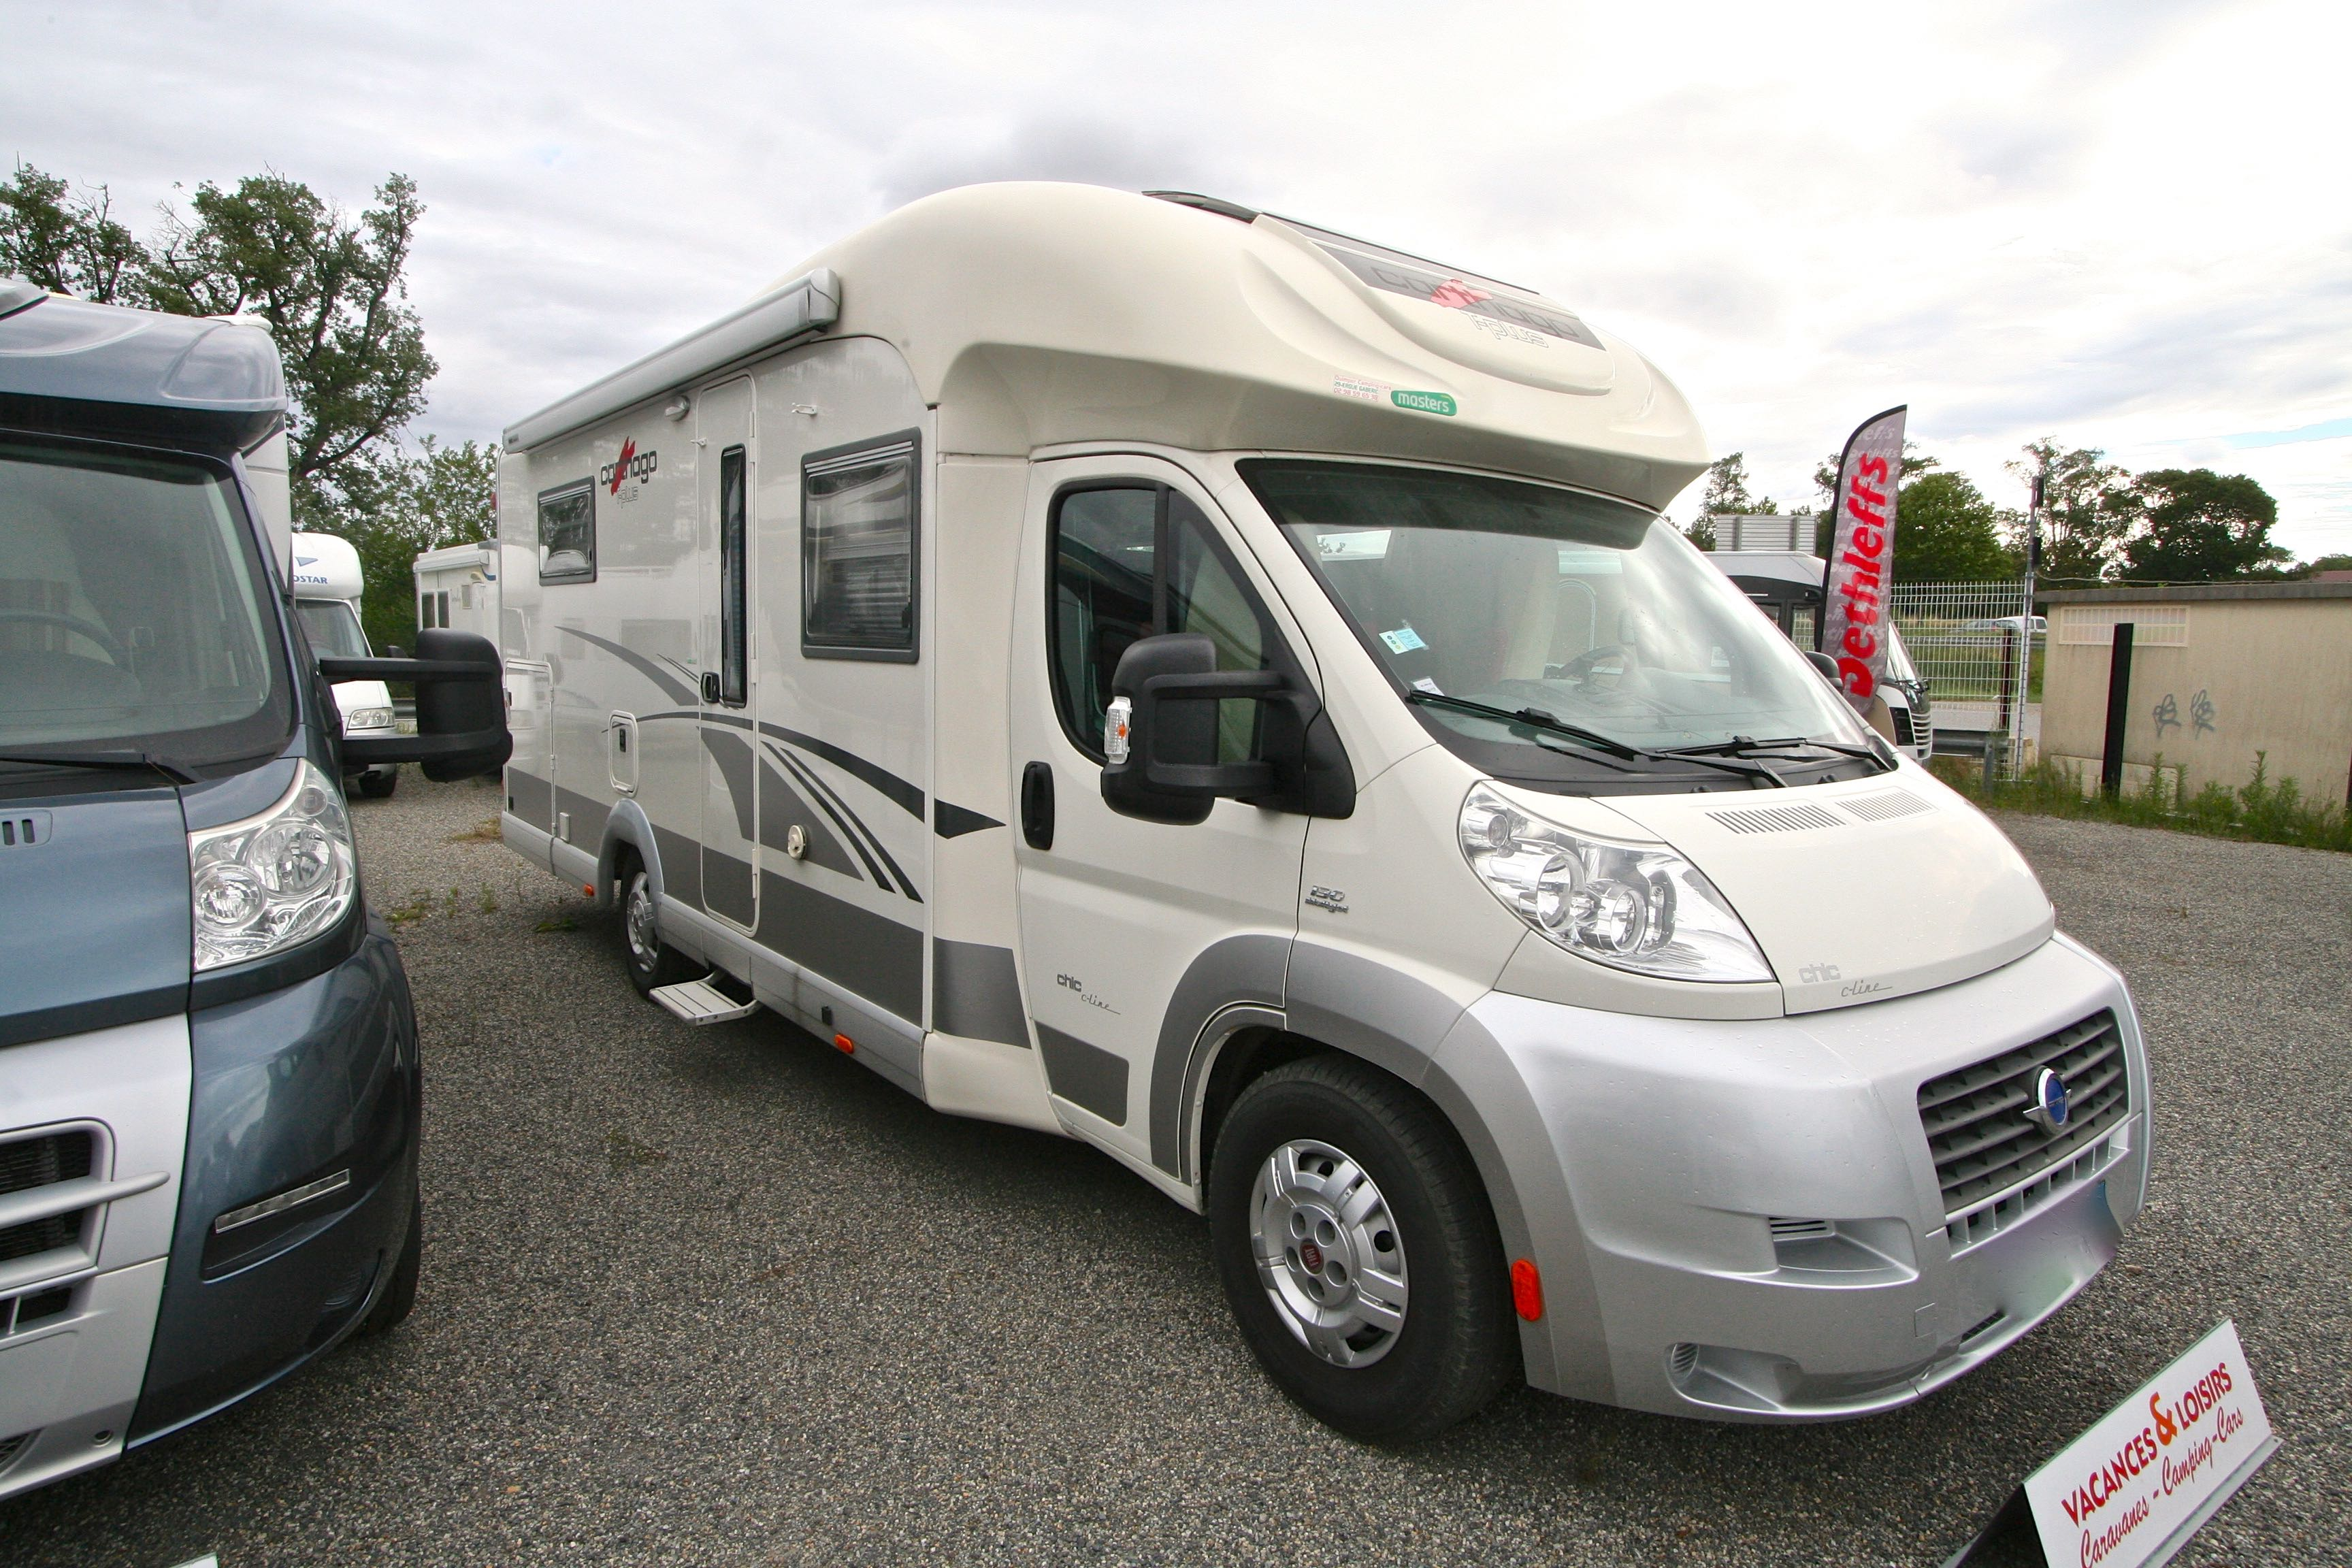 carthago c line 5 2 occasion fiat camping car en vente roques sur garonne haute garonne. Black Bedroom Furniture Sets. Home Design Ideas